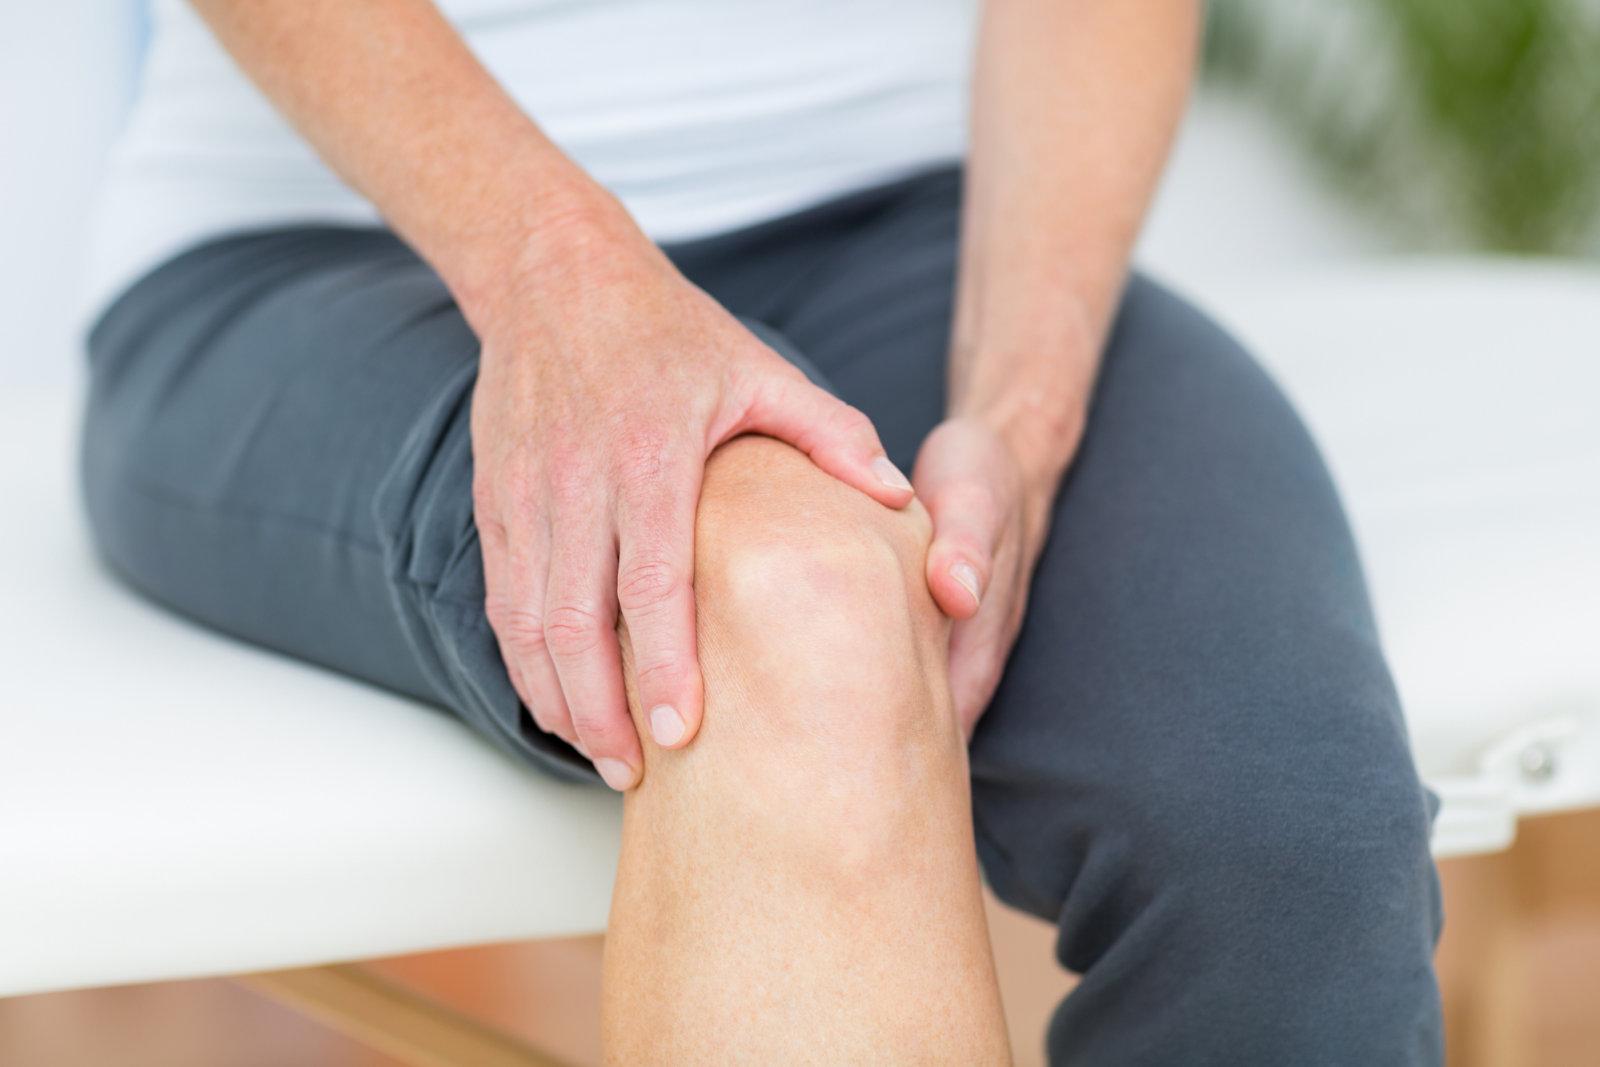 Kate sormede liigeste haigused Glukoosamiin ja kondroitiin ennetamiseks